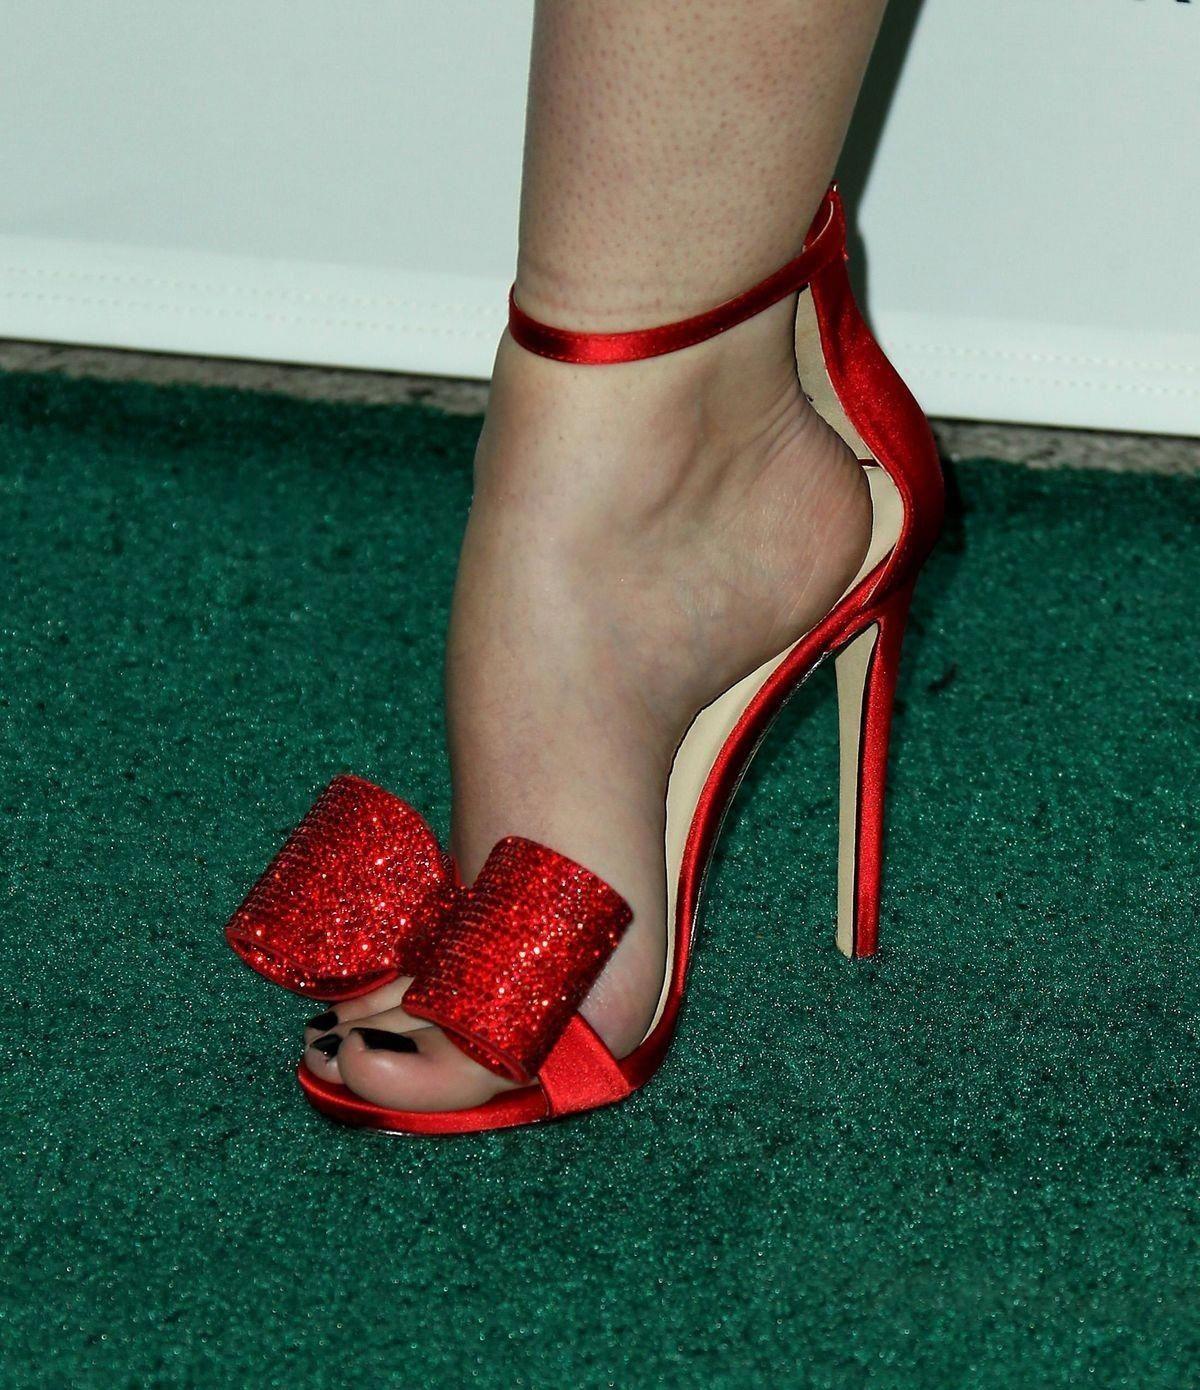 d724e7f75018  Hothighheels Hot High Heels